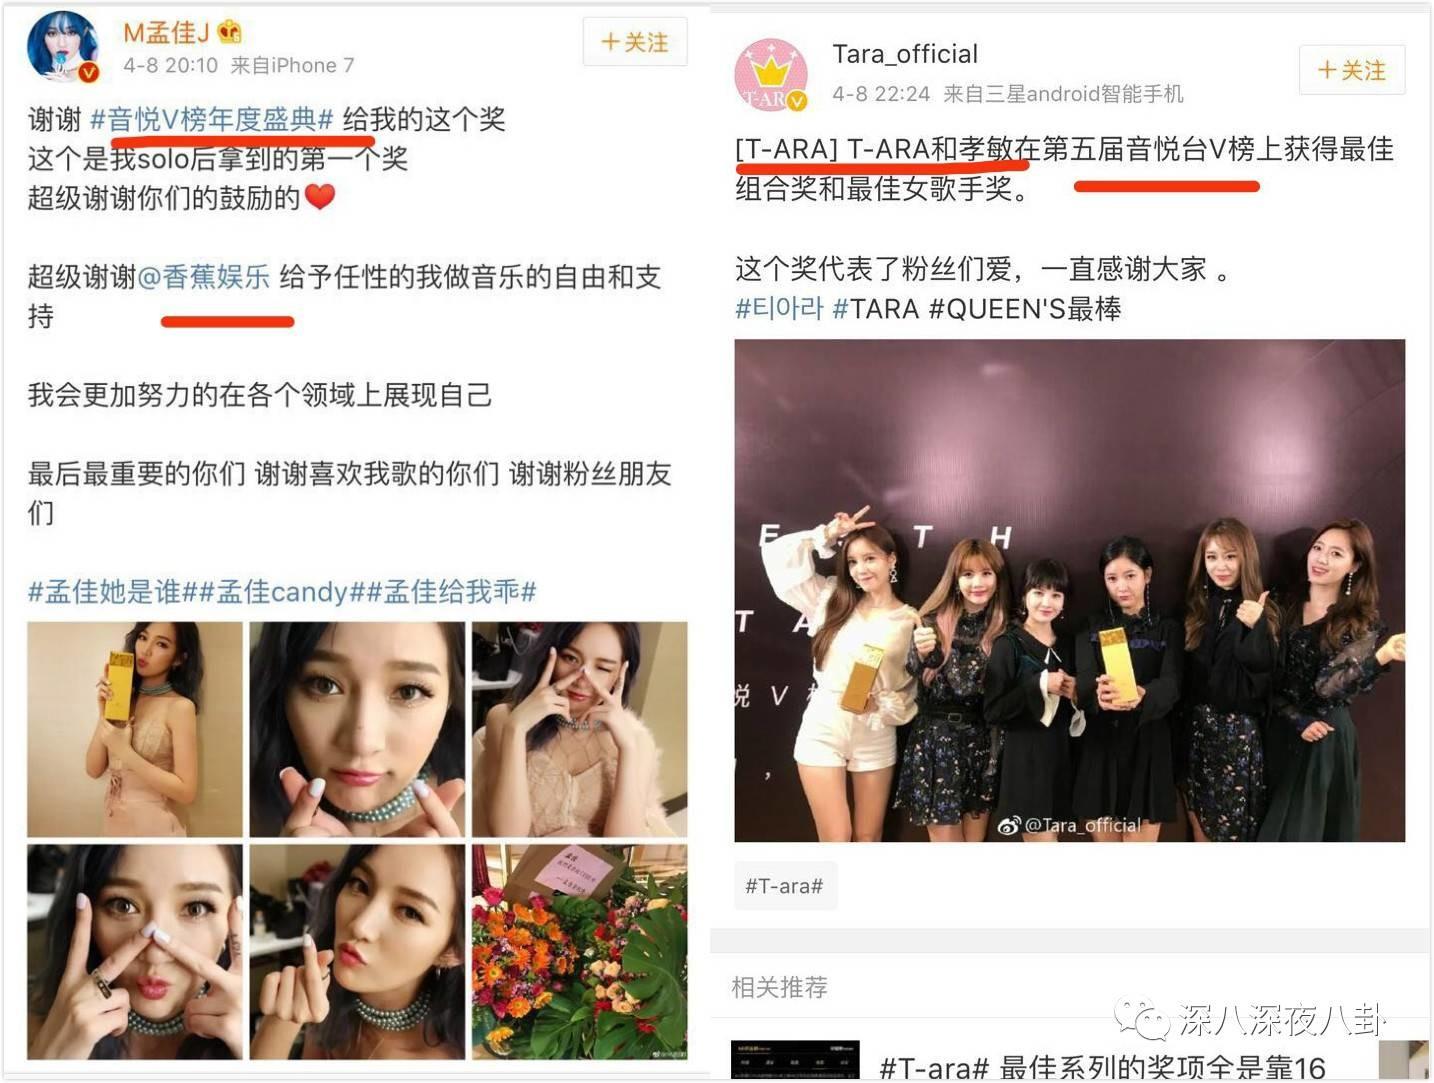 exo粉丝内讧_exo现在在全球的粉丝有多少